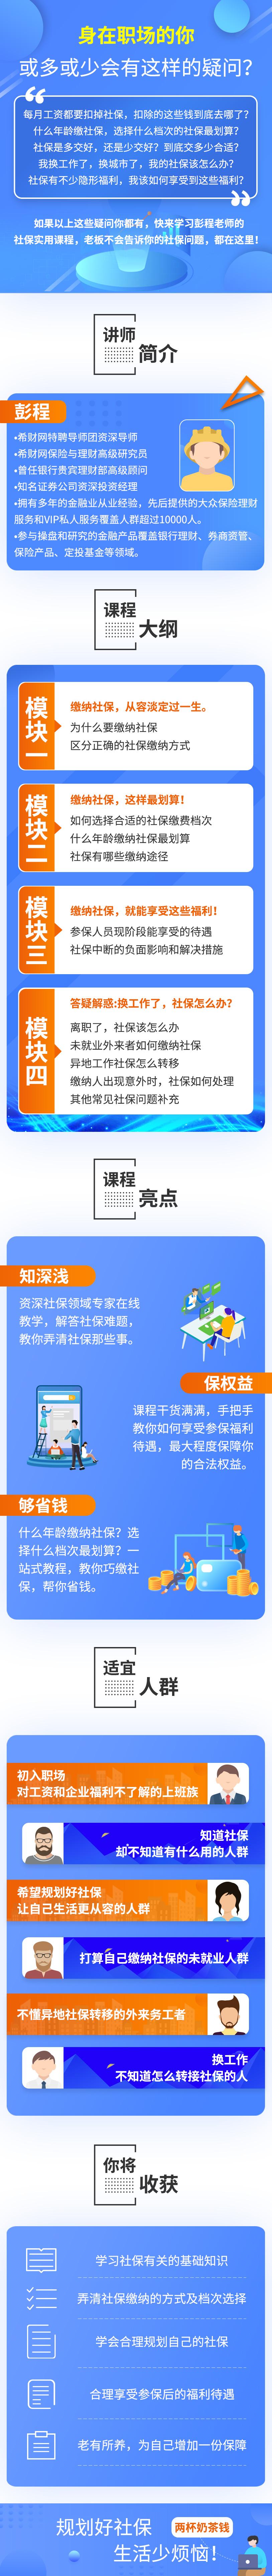 如何规划自己的社保(5)(1).jpg